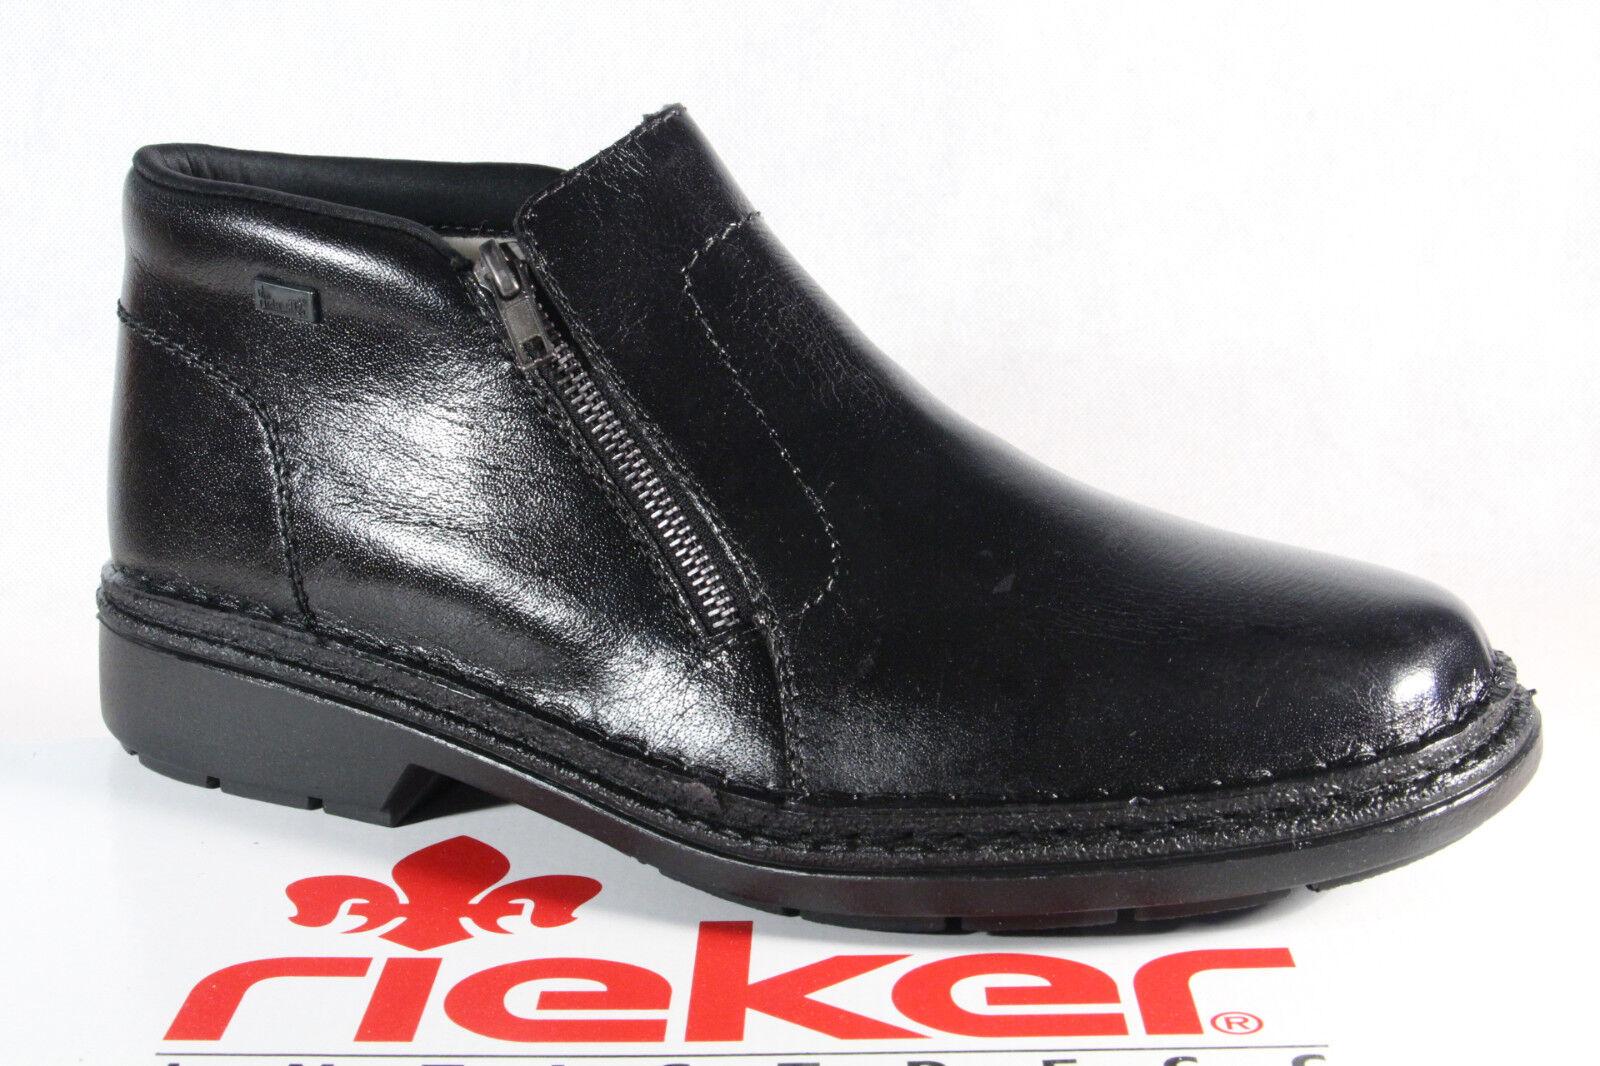 Rieker 05053 Schnürstiefel Stiefel Stiefelette EchtlederTEX schwarz NEU